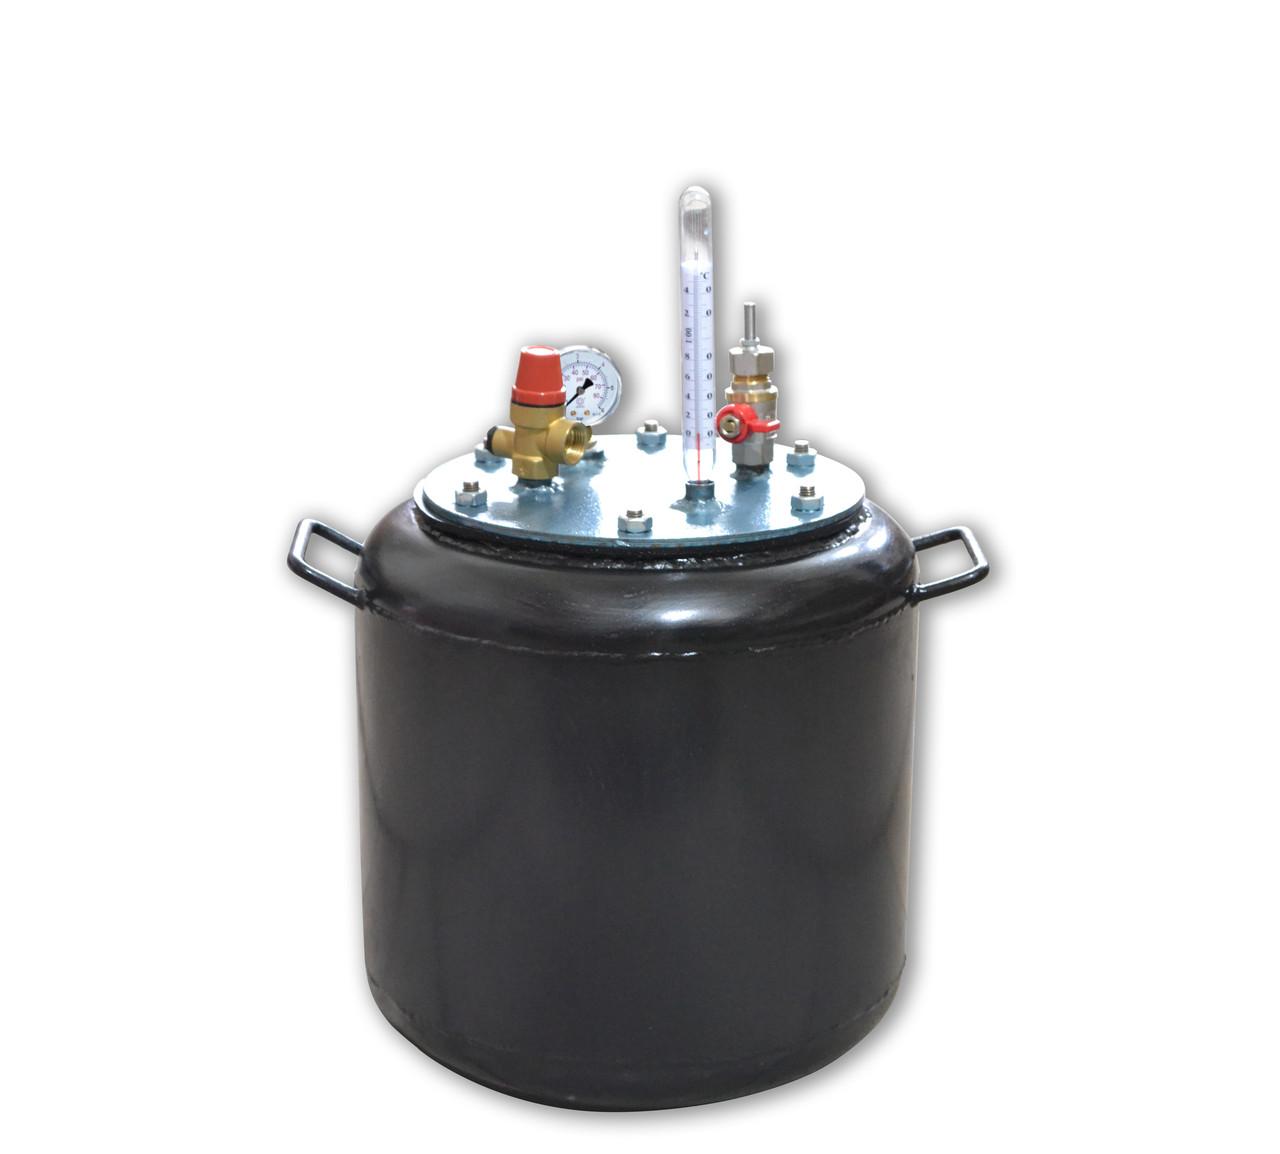 Автоклав бытовой газовый Утех16 (черная сталь 2.5 мм / 16 банок 0,5)